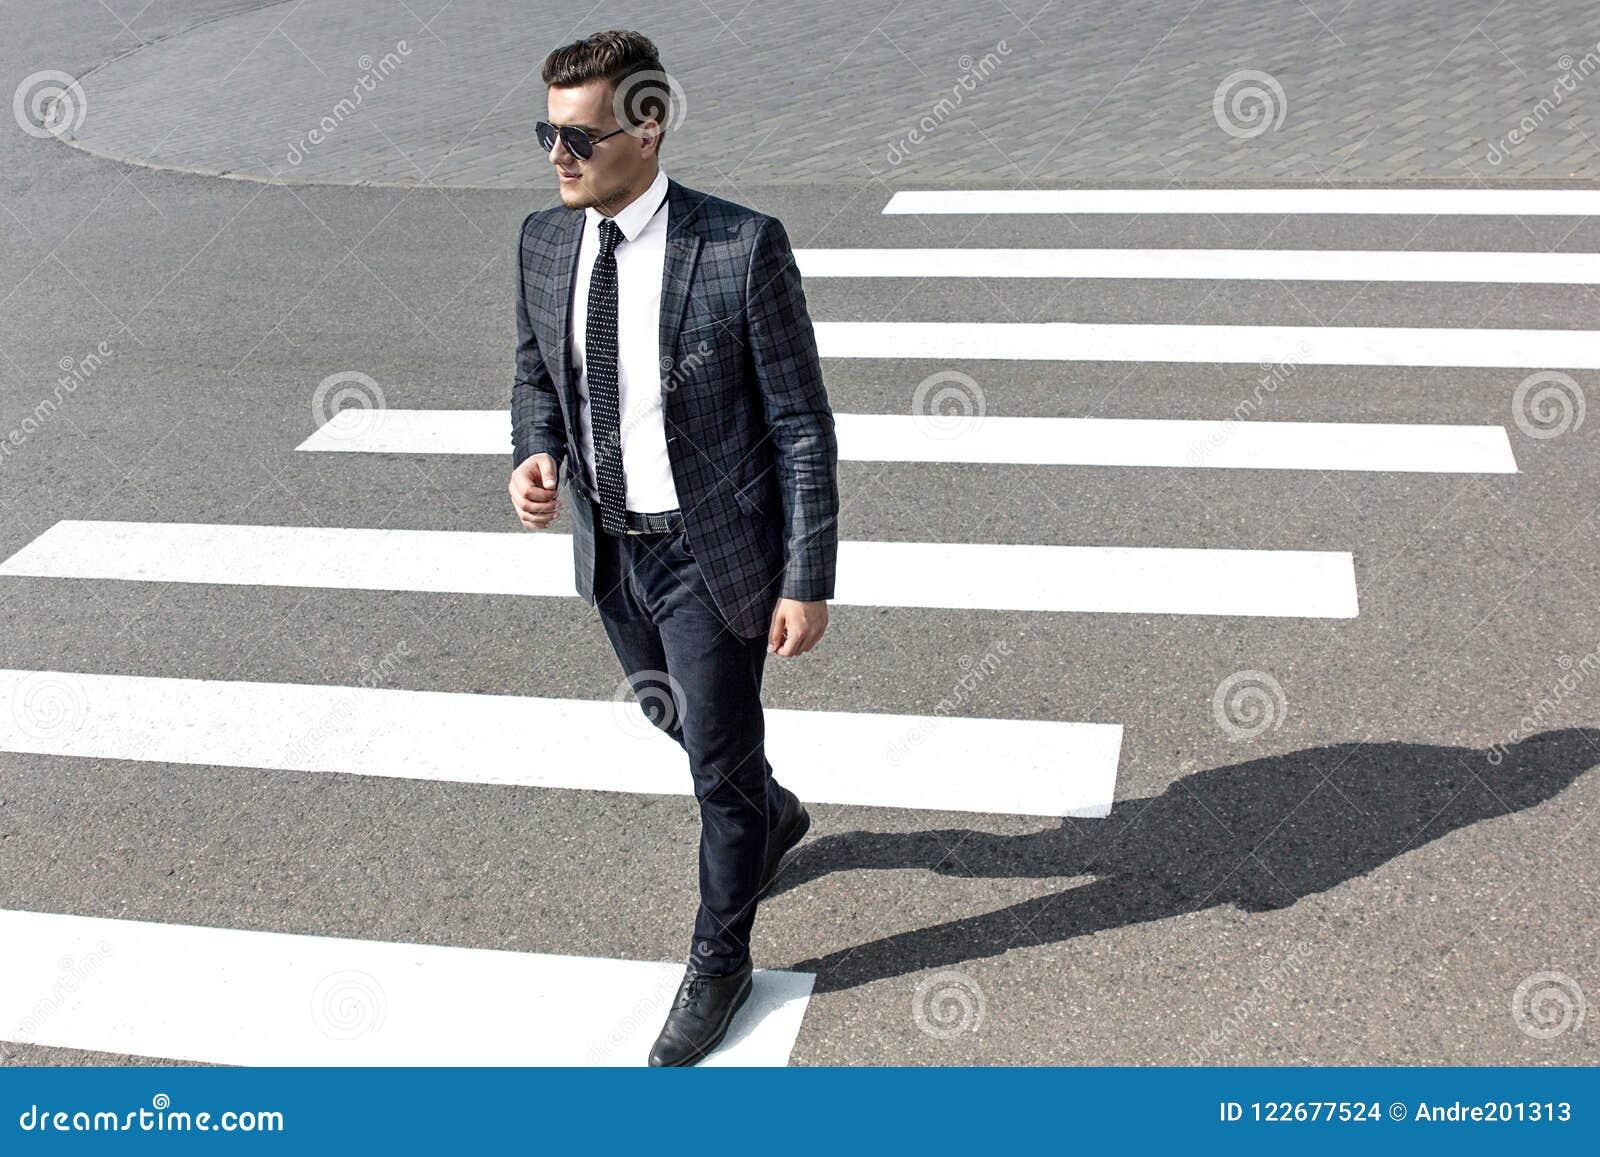 De man kruist de weg